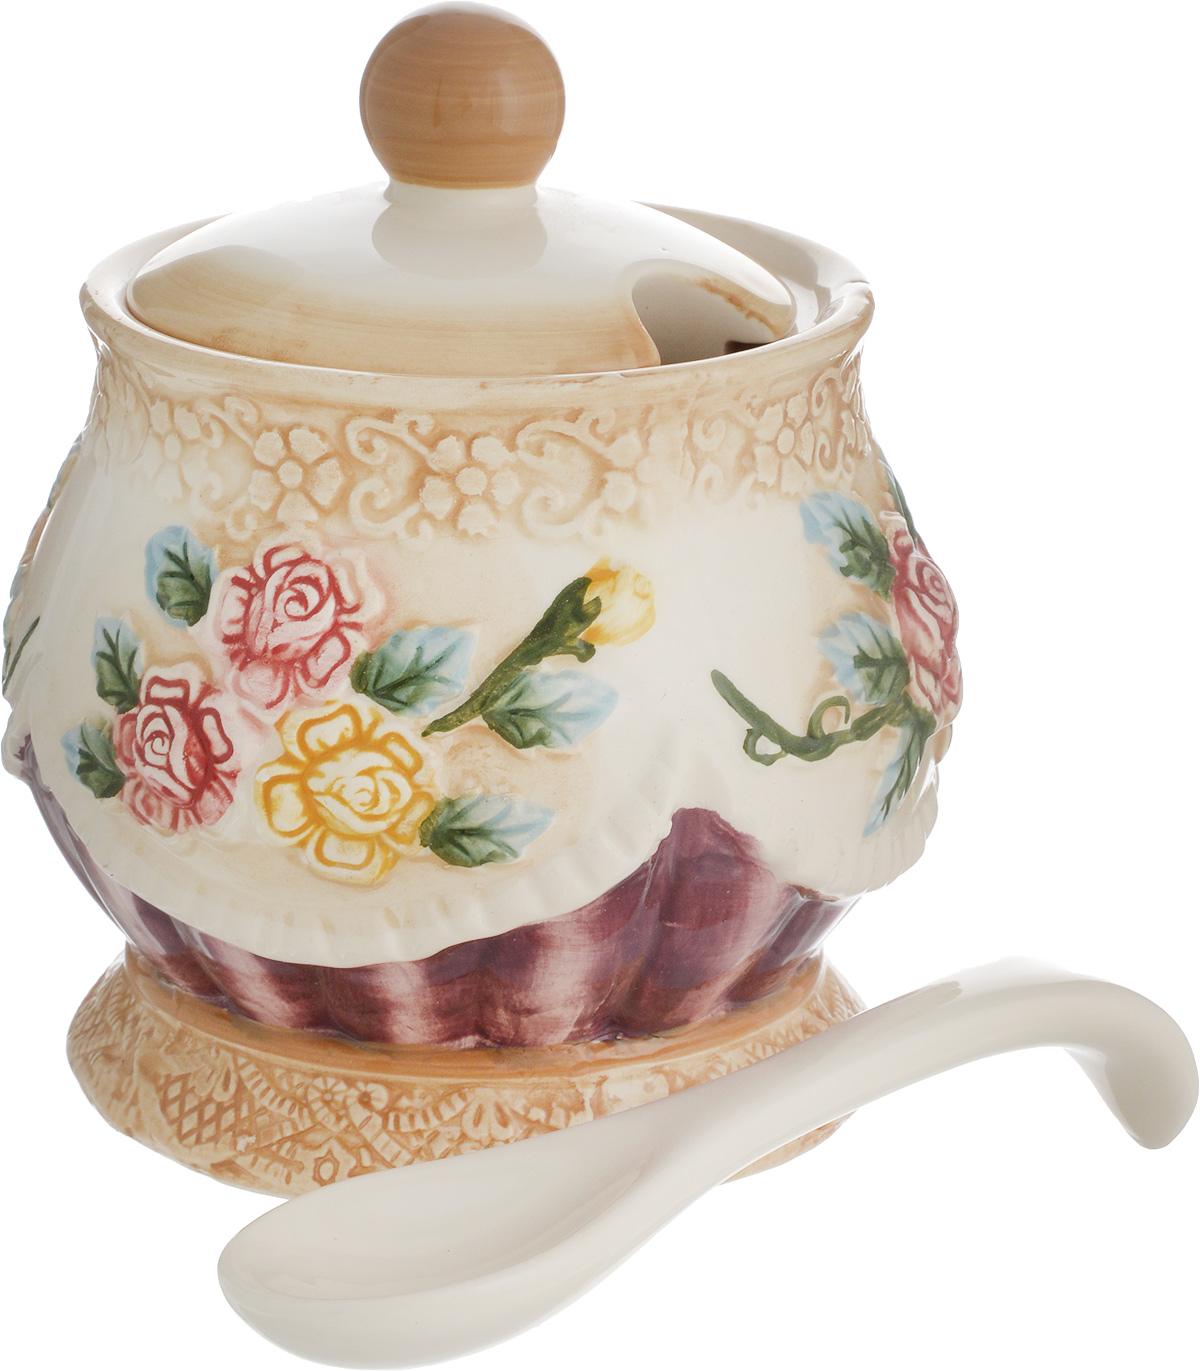 Сахарница Mayer & Boch Розы, с ложкой, 550 мл115510Сахарница Mayer & Boch Розы, изготовленная из высококачественного доломита, украшена цветочным рисунком. В крышке изделия предусмотрено отверстие для ложки (входит в комплект). Такая оригинальная сахарница украсит ваш стол, а также станет отличным подарком.Можно использоваться в микроволновой печи и посудомоечной машине.Диаметр сахарницы (по верхнему краю): 9,5 см.Диаметр основания: 10 см. Высота сахарницы (без учета крышки): 11,5 см. Высота сахарницы (с учетом крышки): 13,5 см. Длина ложки: 13 см.